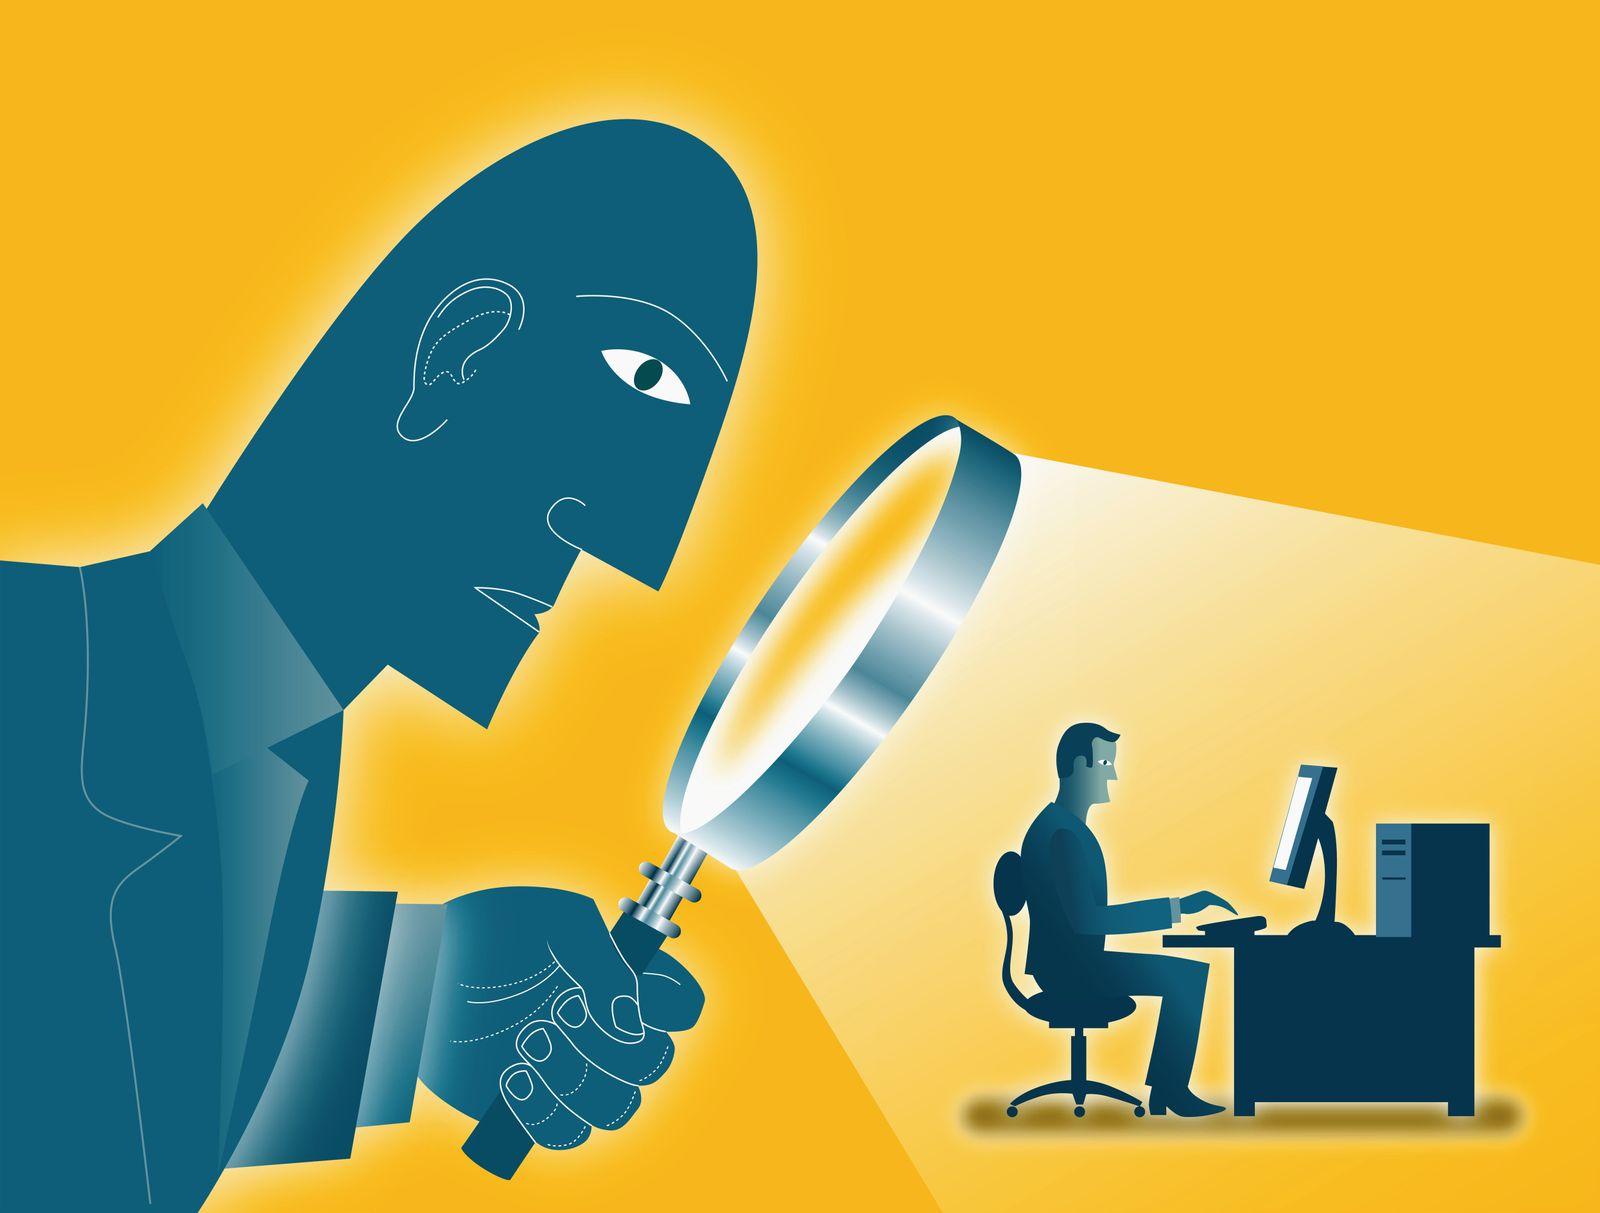 NICHT MEHR VERWENDEN! - Symbolbild Internet / Sicherheit / Überwachung / cleanit